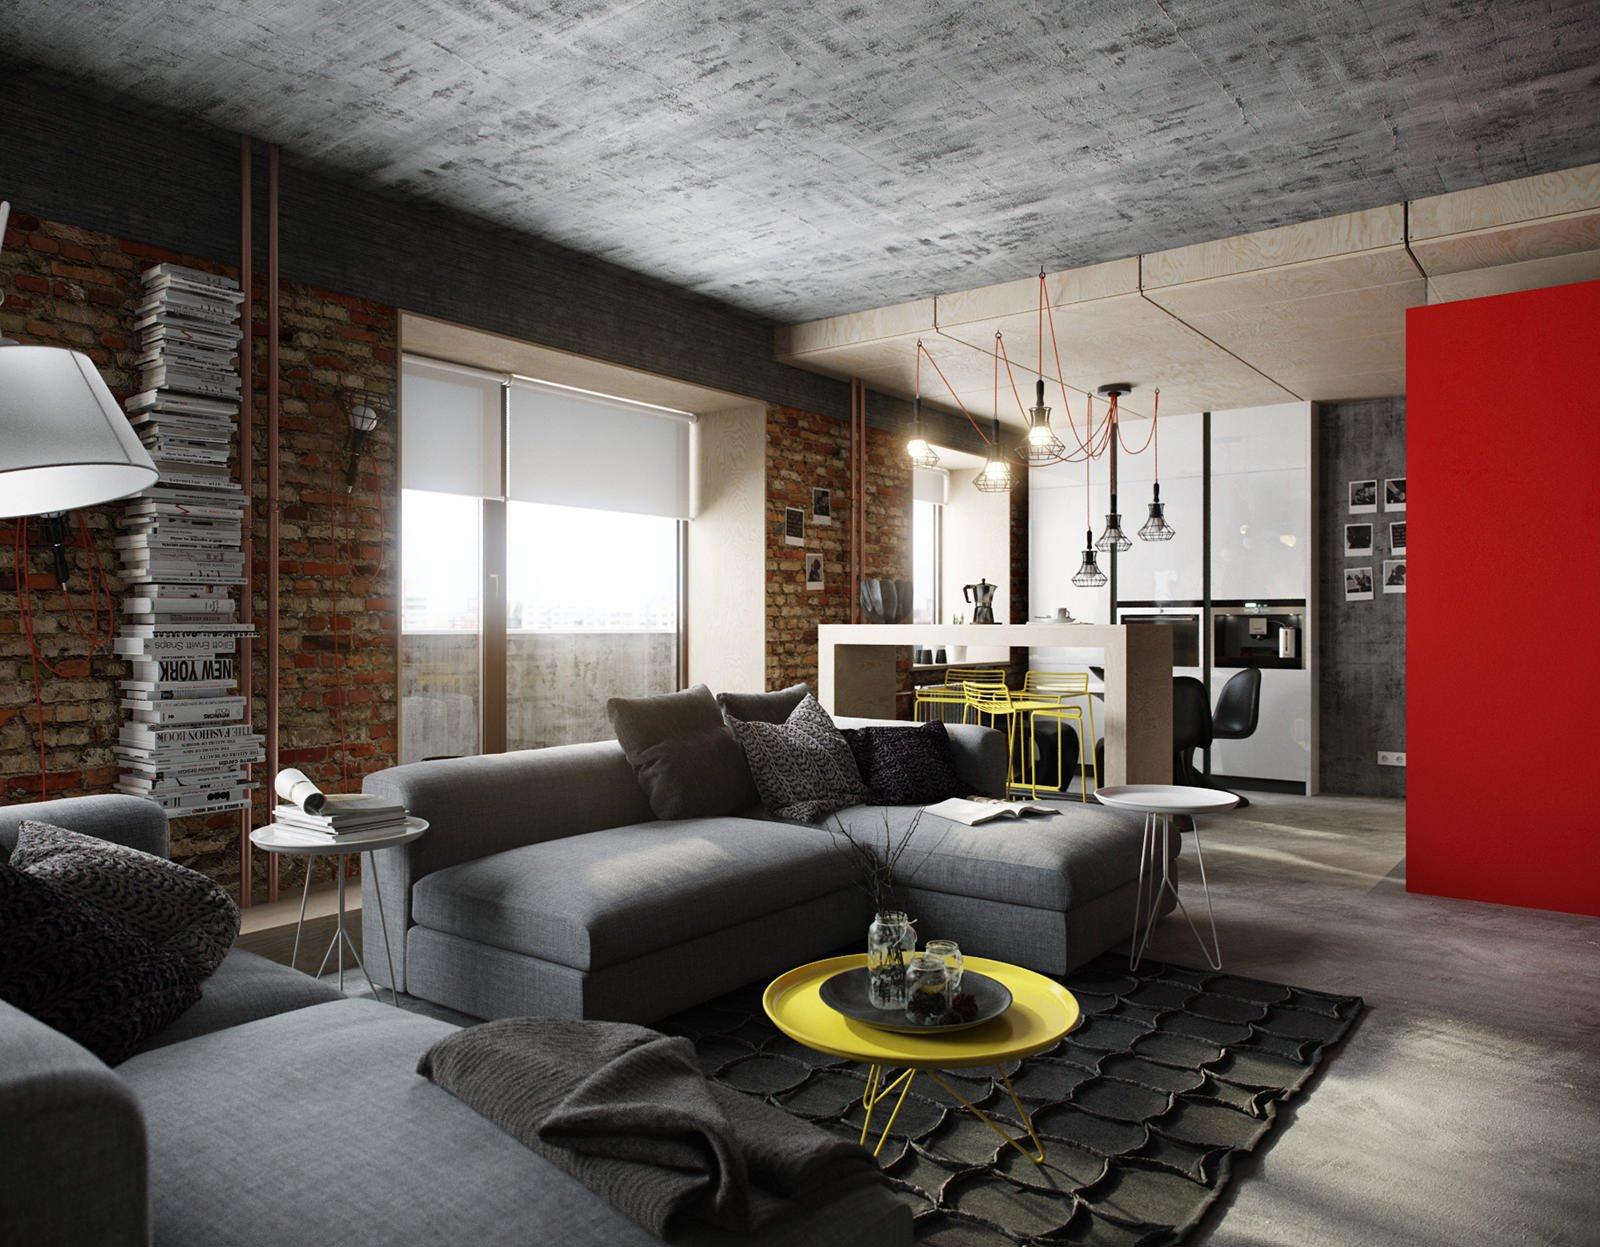 Дизайн интерьера квартиры в стиле лофт: 90 фото-идей